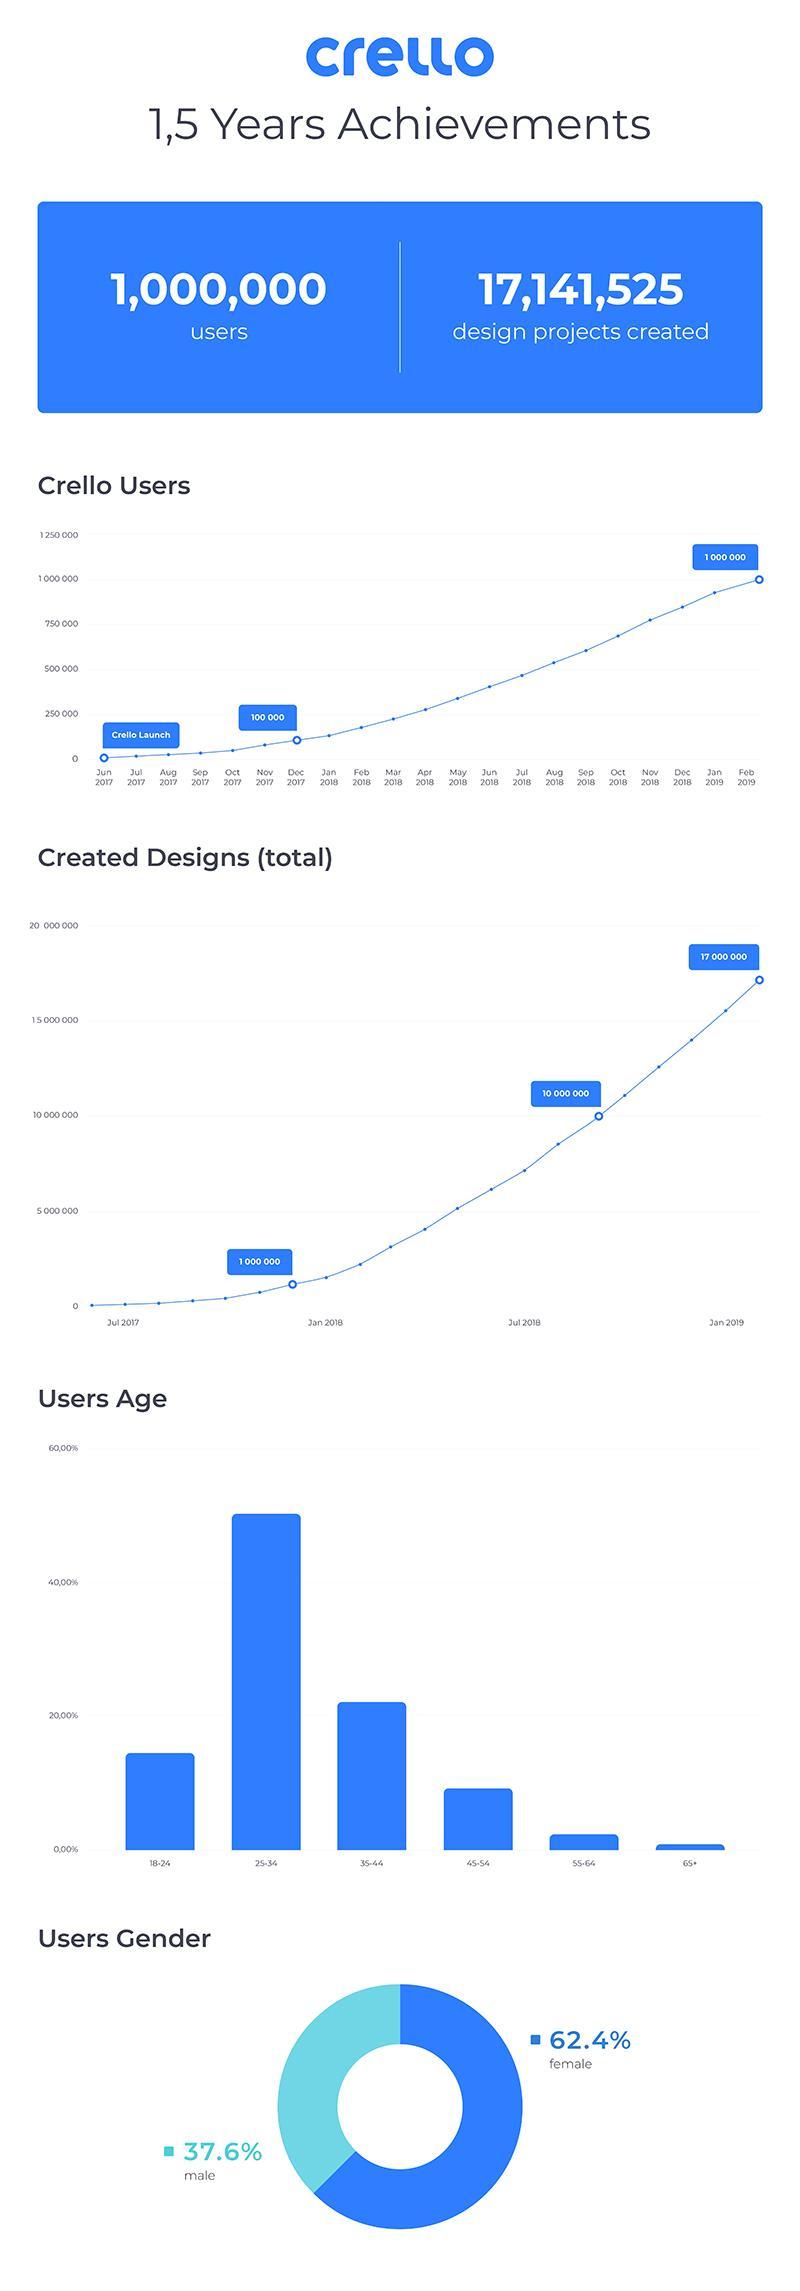 infographic on crello's one million users milestone